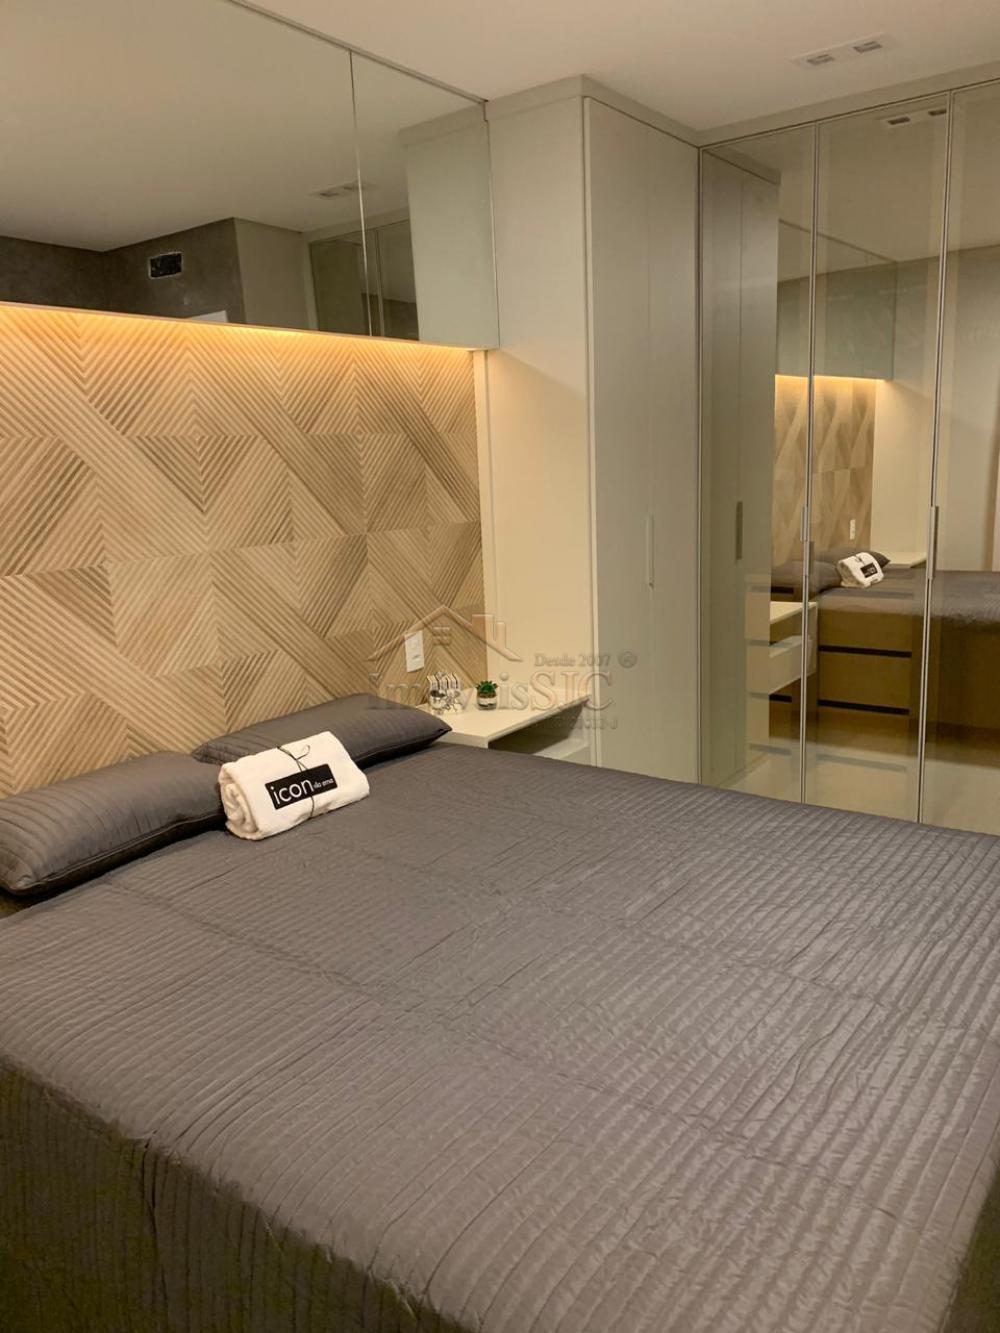 Alugar Apartamentos / Flat em São José dos Campos apenas R$ 2.800,00 - Foto 11